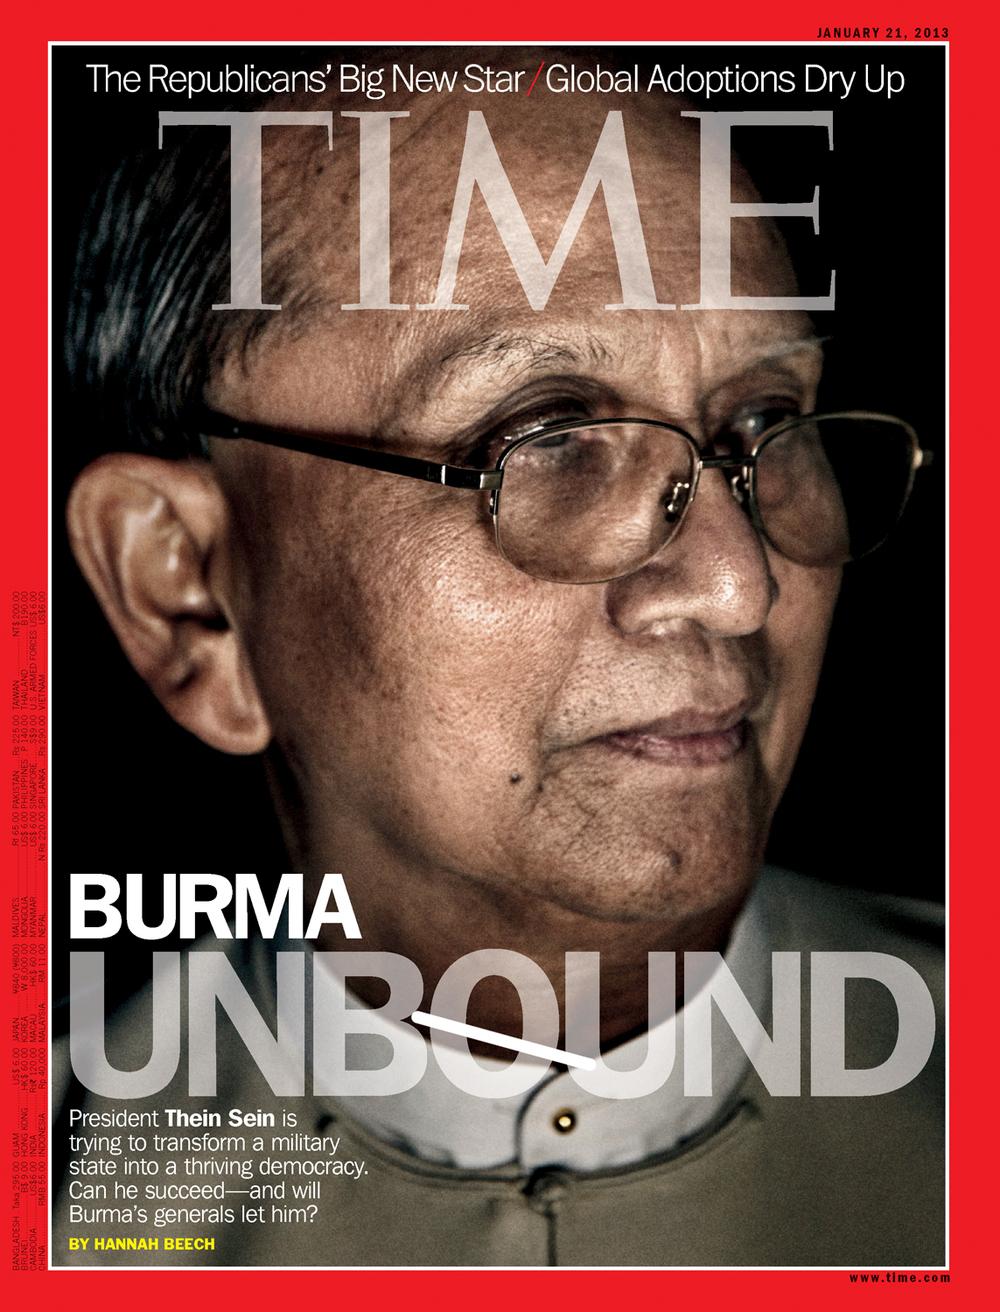 'Burma Unbound', Time Magazine, Jan. 21, 2013.